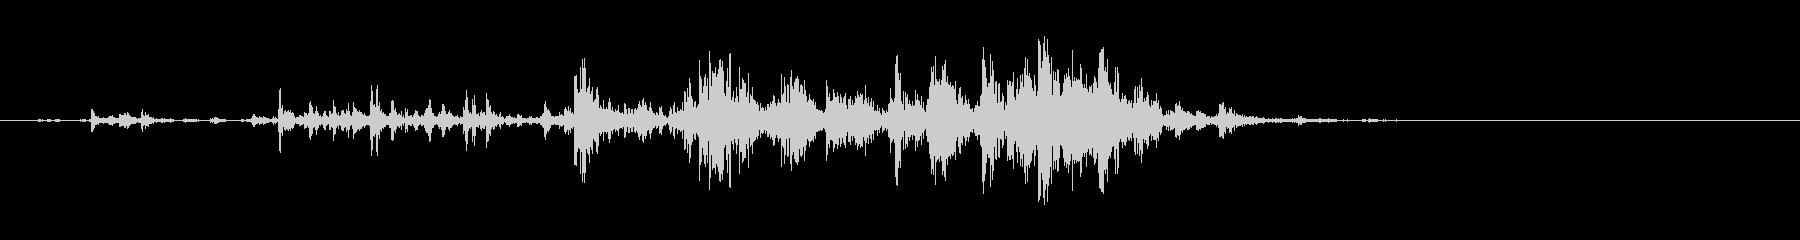 食べる音07(ポテトチップスなど)の未再生の波形